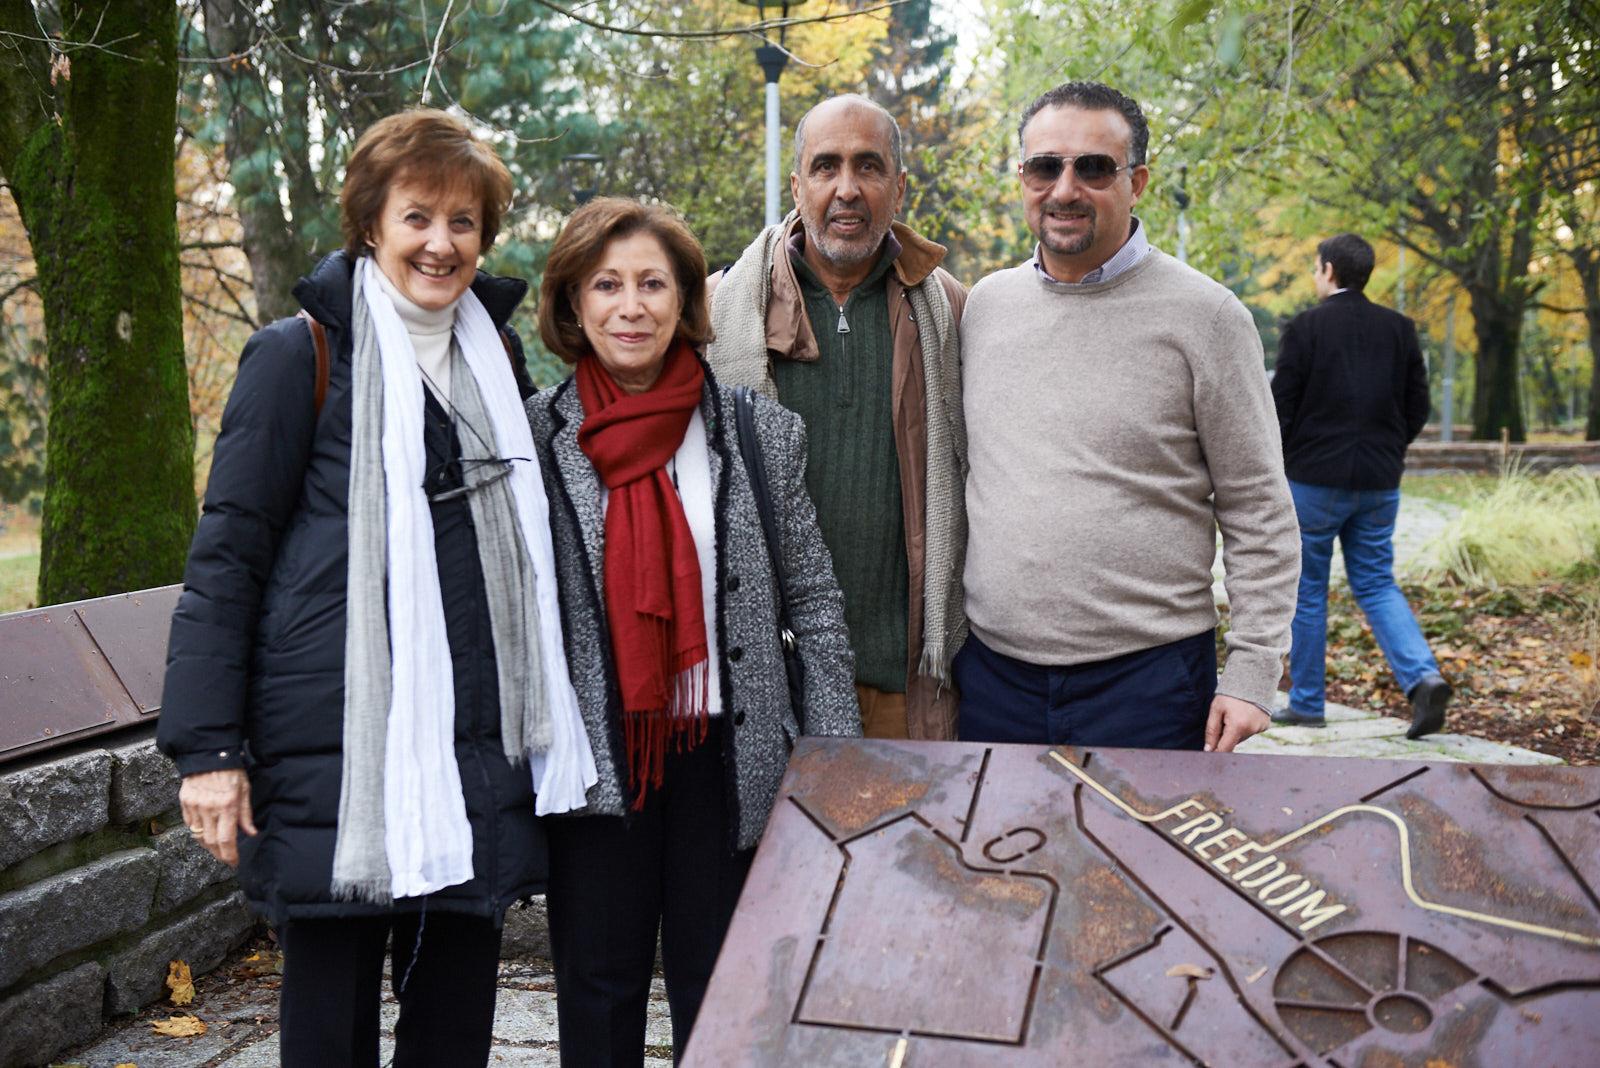 Anna Maria Samuelli, co-fondatrice di Gariwo, Rawdha Zaouchi, Assessore alle Arti e alla Cultura di La Marsa, Hamadi Ben Abdesslem, e Cherif Khalil, Sindaco di Sidi Bou Said